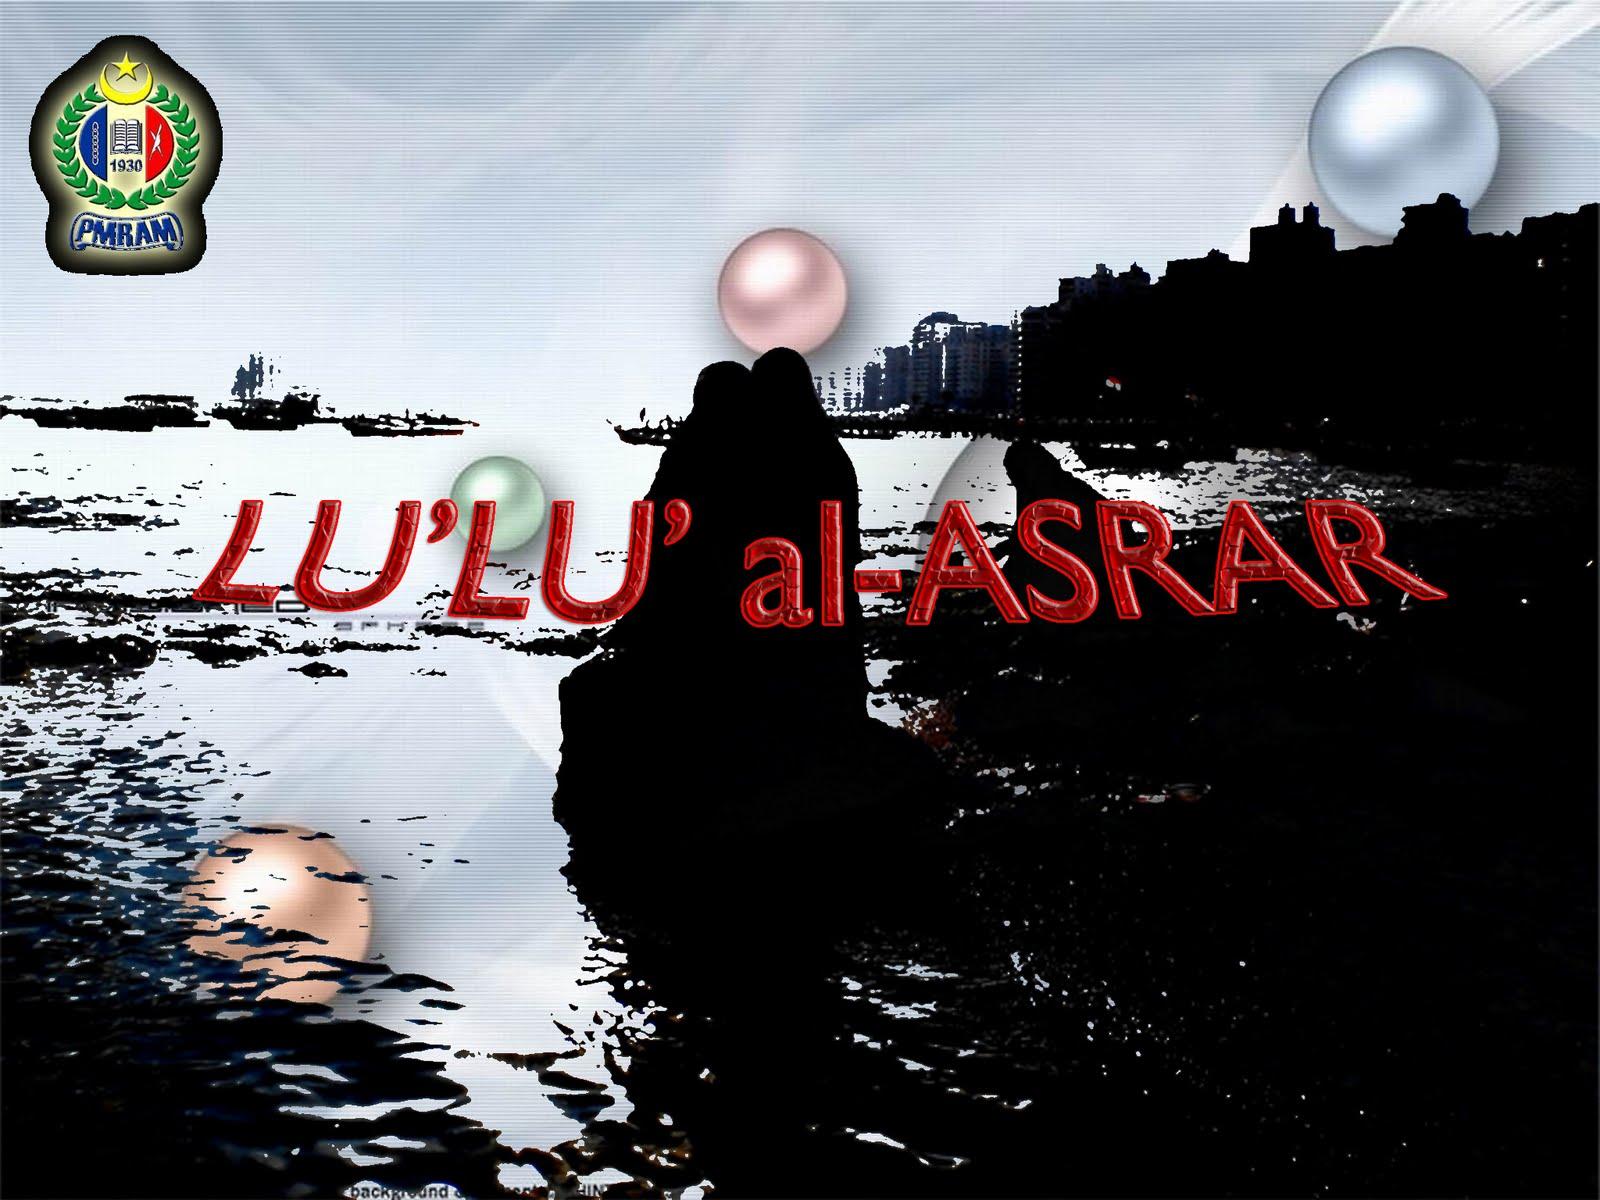 LU'LU' al-ASRAR